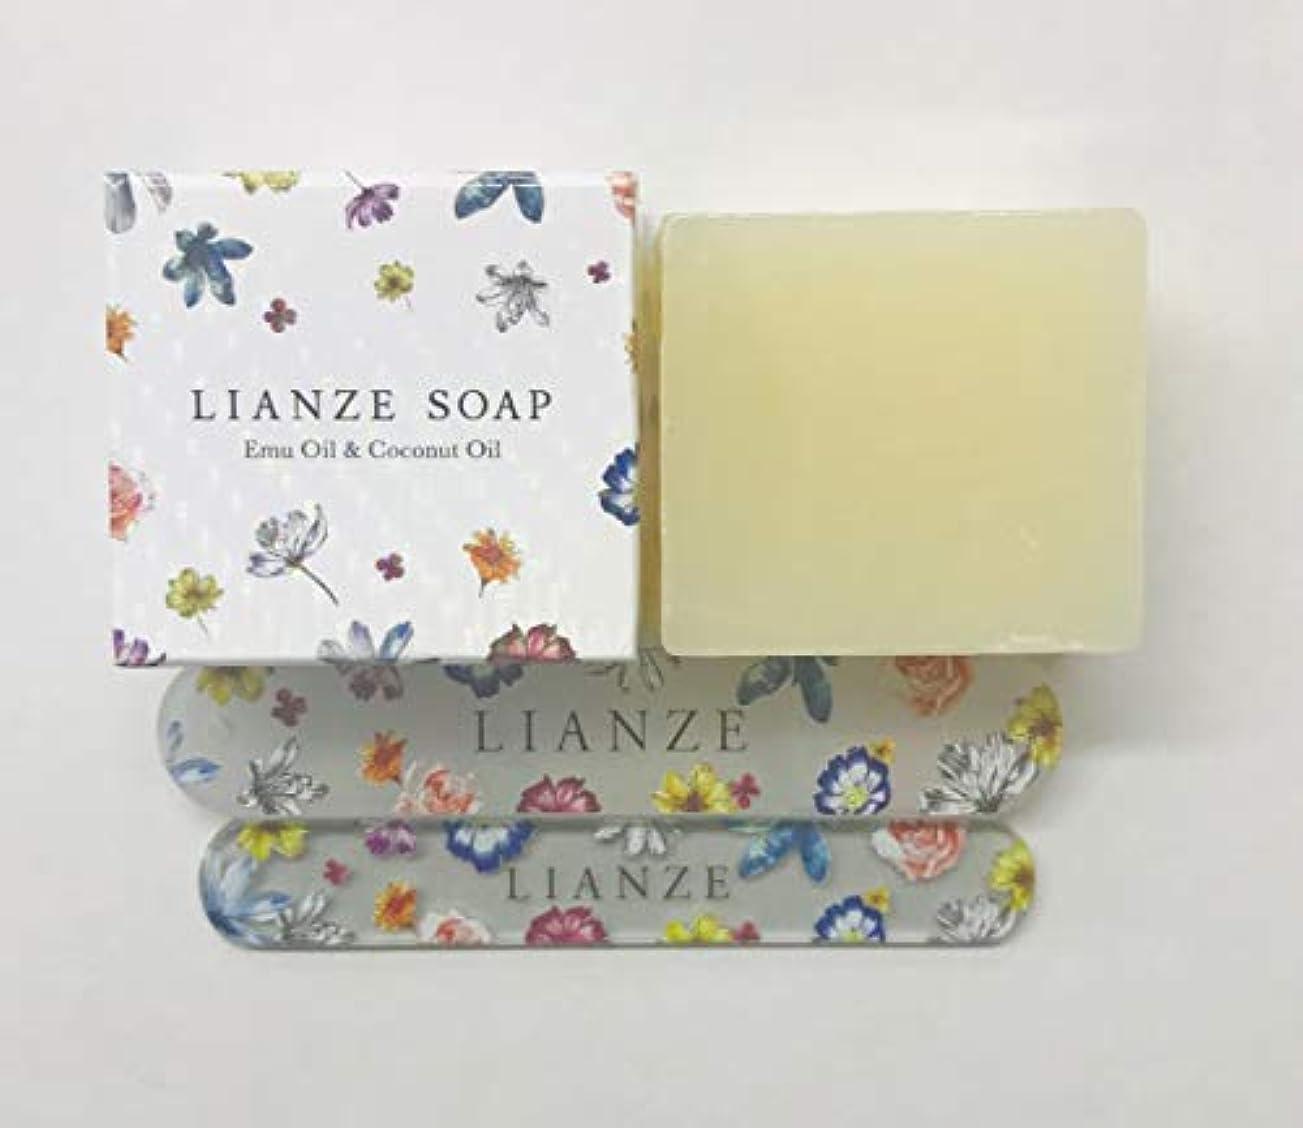 文言十一酒ギフト プレゼント [ LIANZE ギフトセット ] 洗顔 石鹸 爪磨き